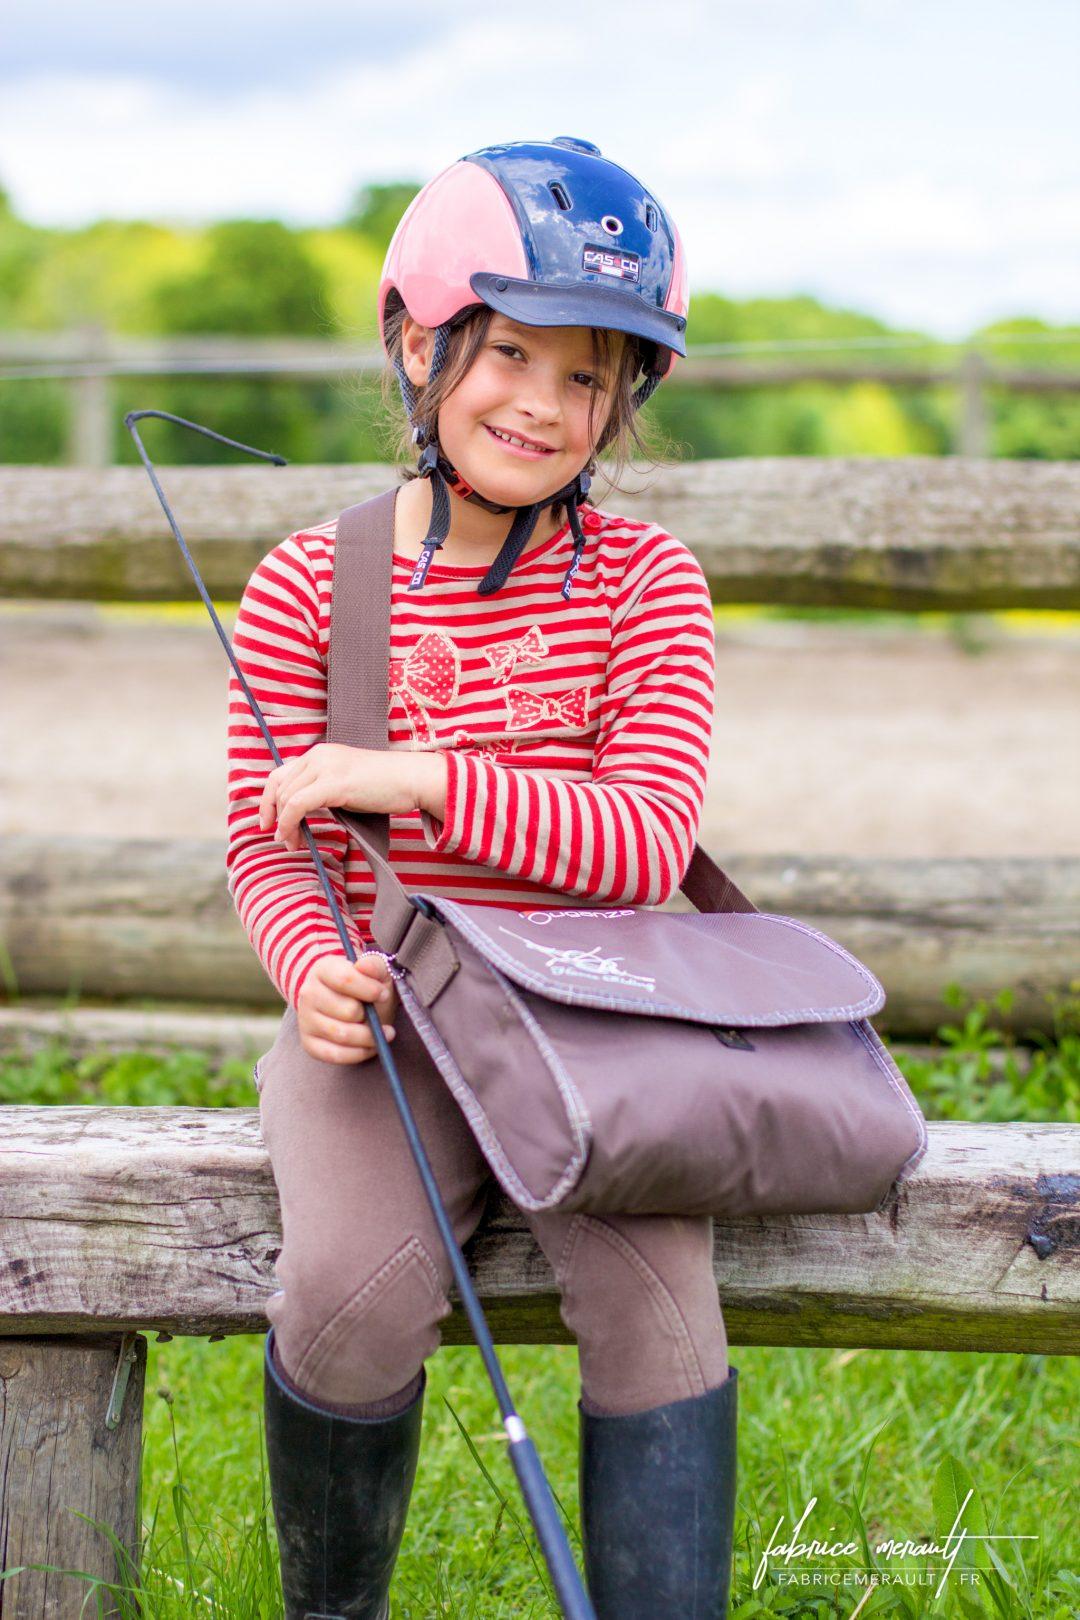 Portrait, lors des activités de vos enfants, c'est un belle occasion de garder des souvenirs